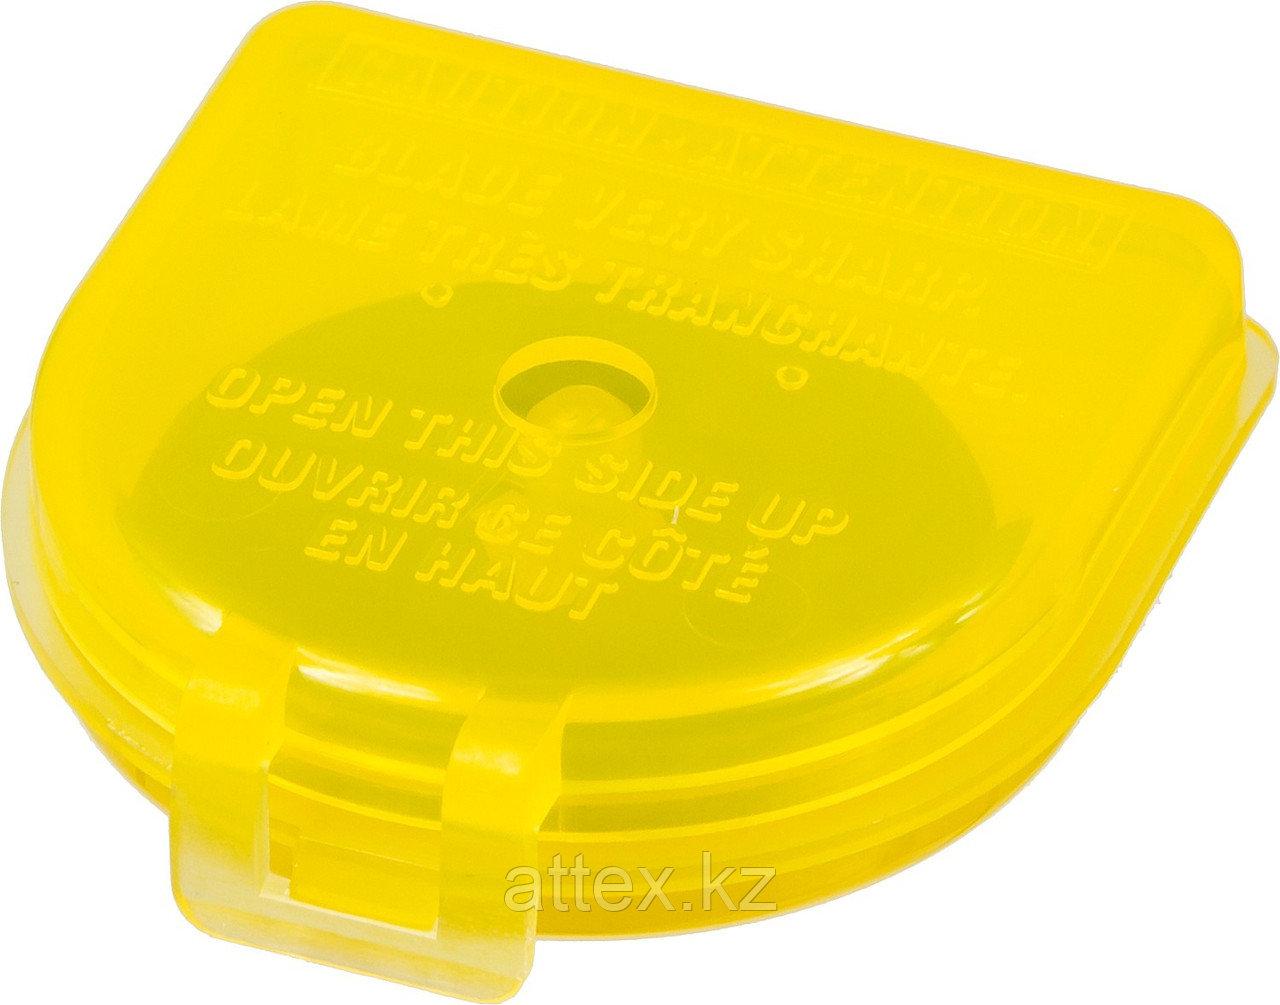 Лезвие OLFA специальное, круговое, 28мм, 2шт OL-RB28-2